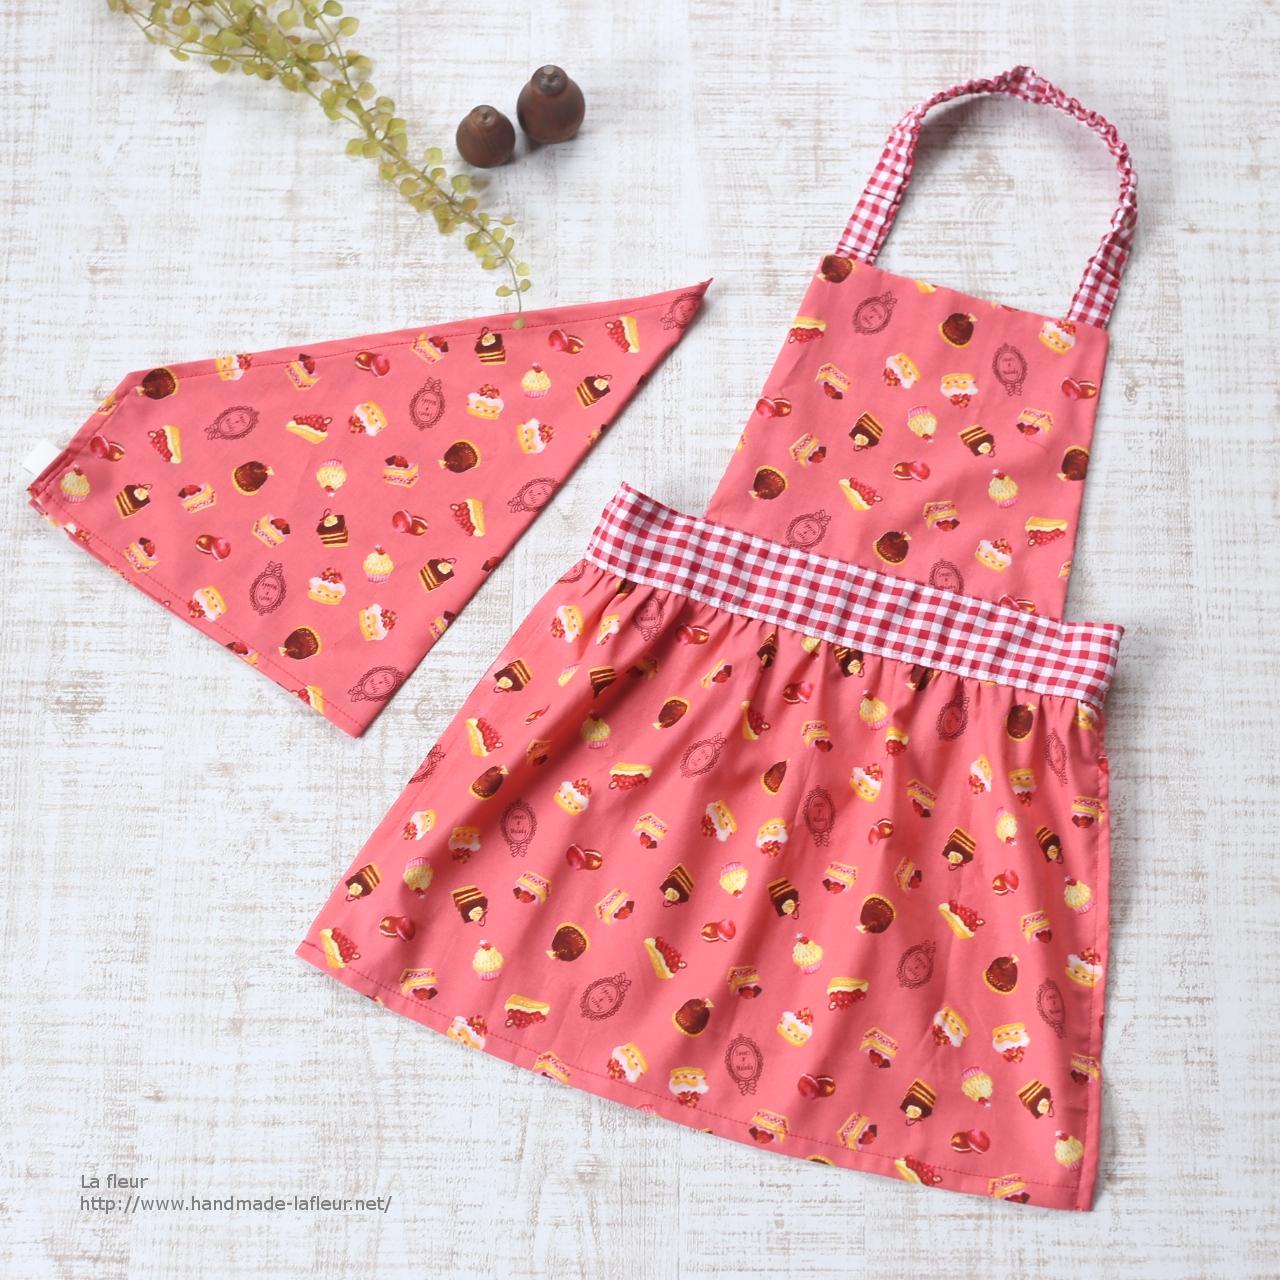 ■試作【100-120】キッズエプロン・三角巾セット スウィーツケーキ ピンク 女の子用ギャザーエプロン/La fleur